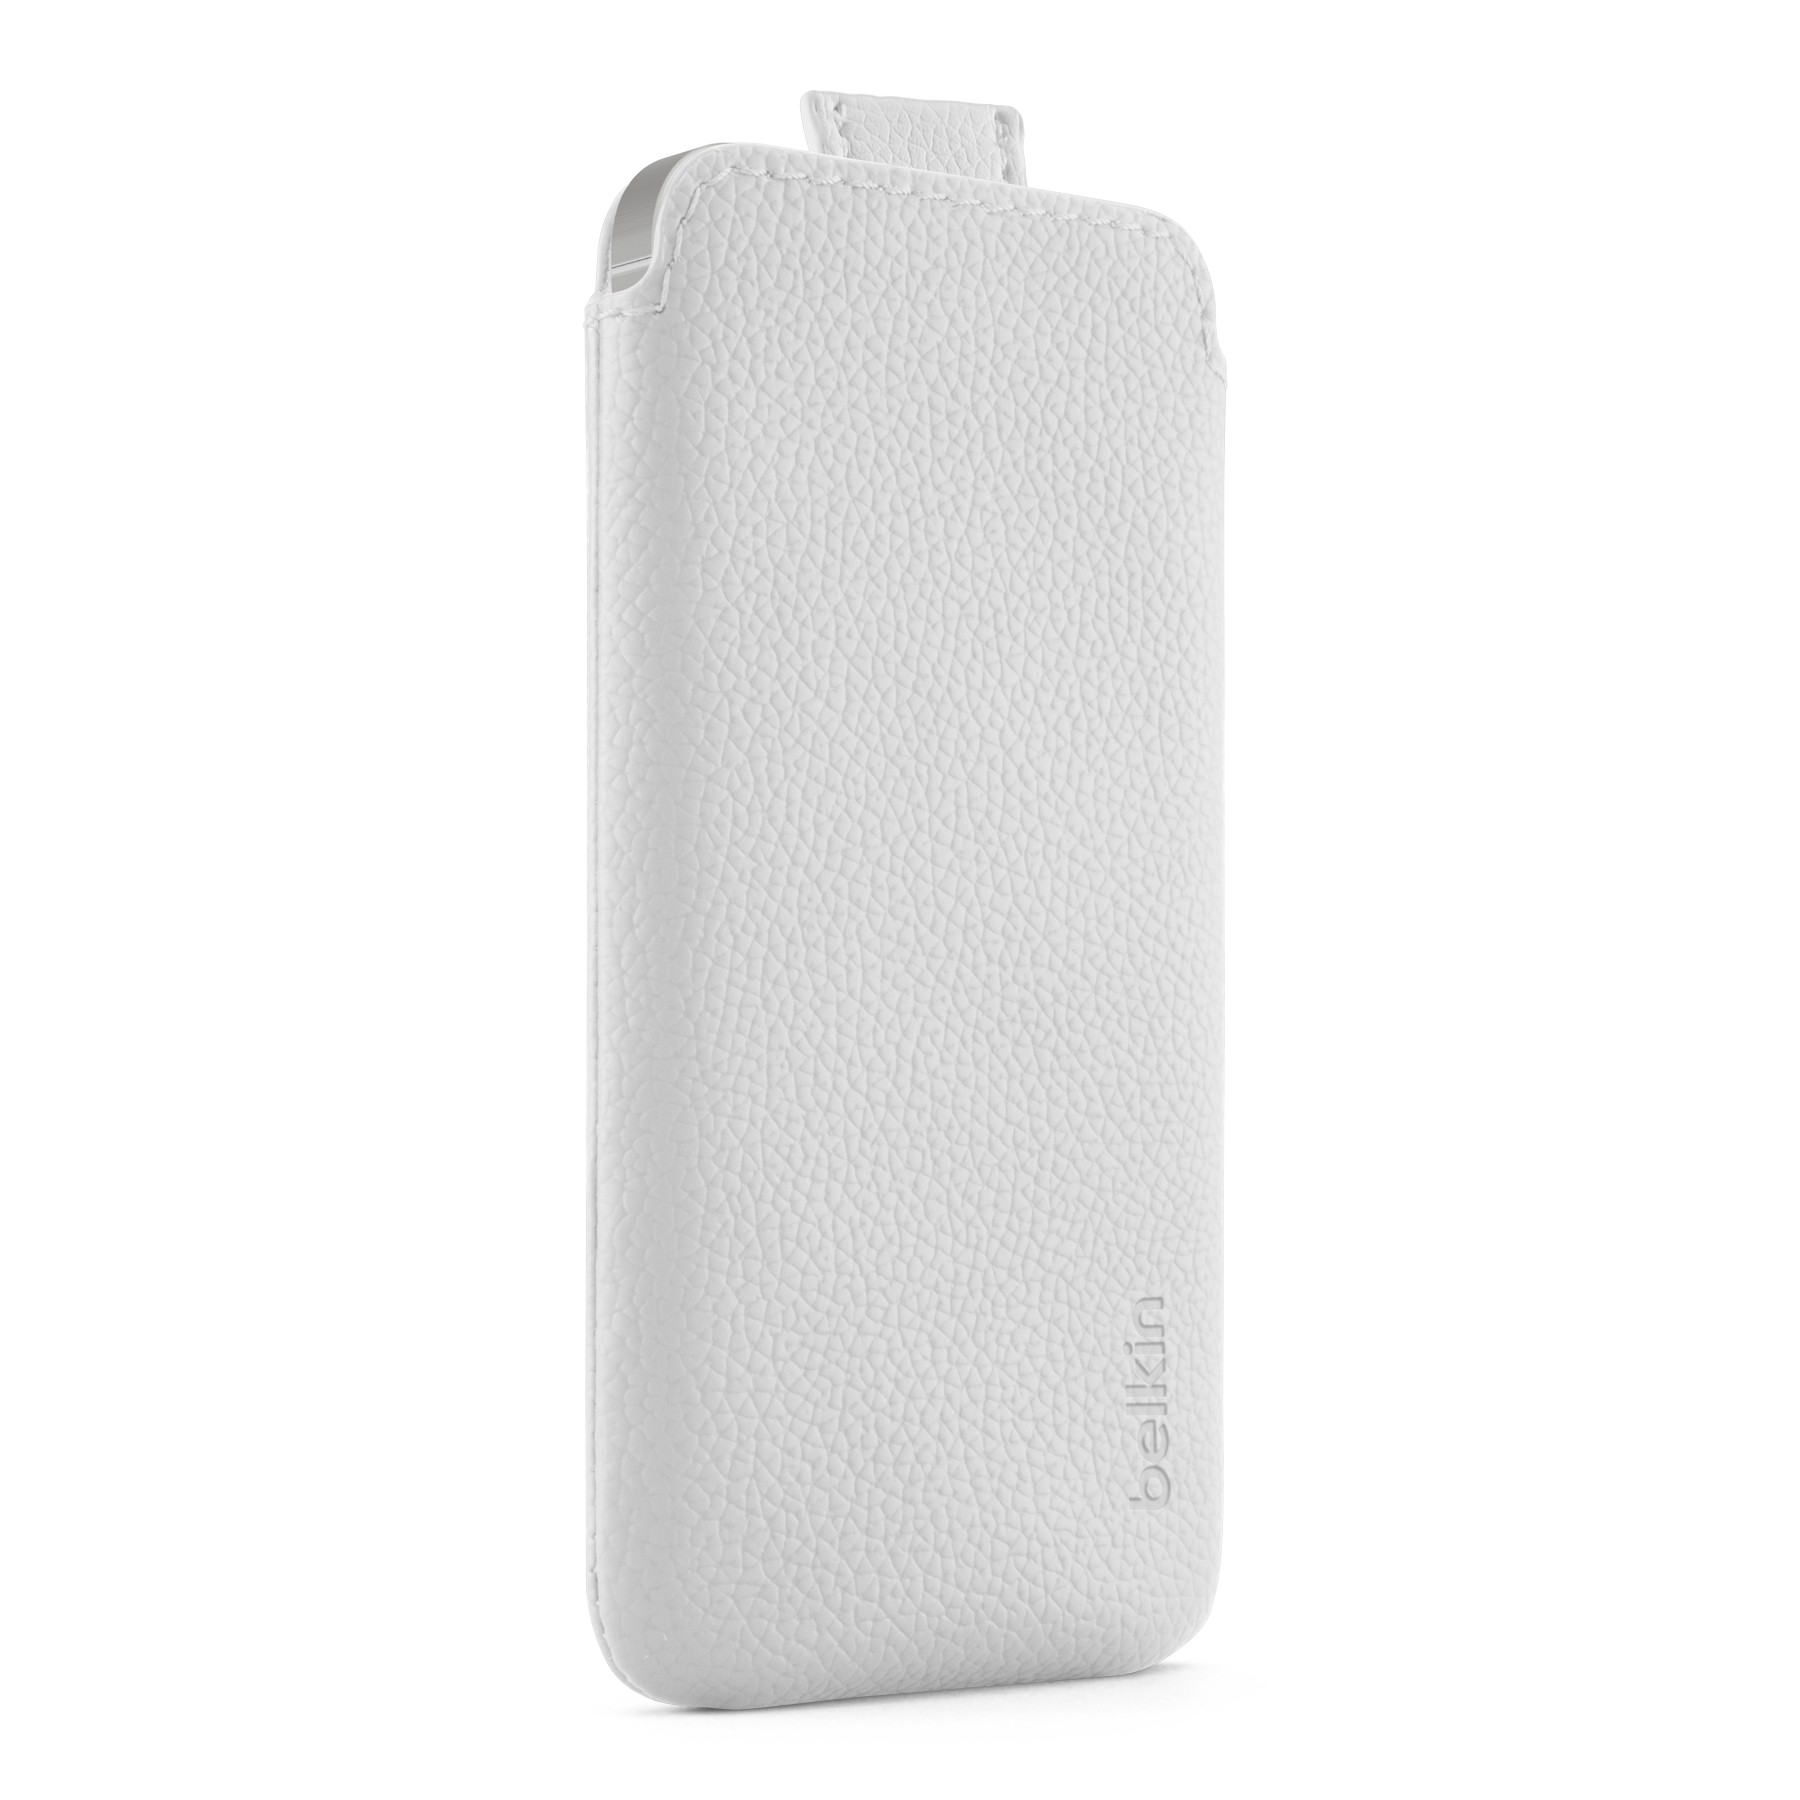 Belkin Pull Tab Læder Etui til iPhone 5 - Hvid